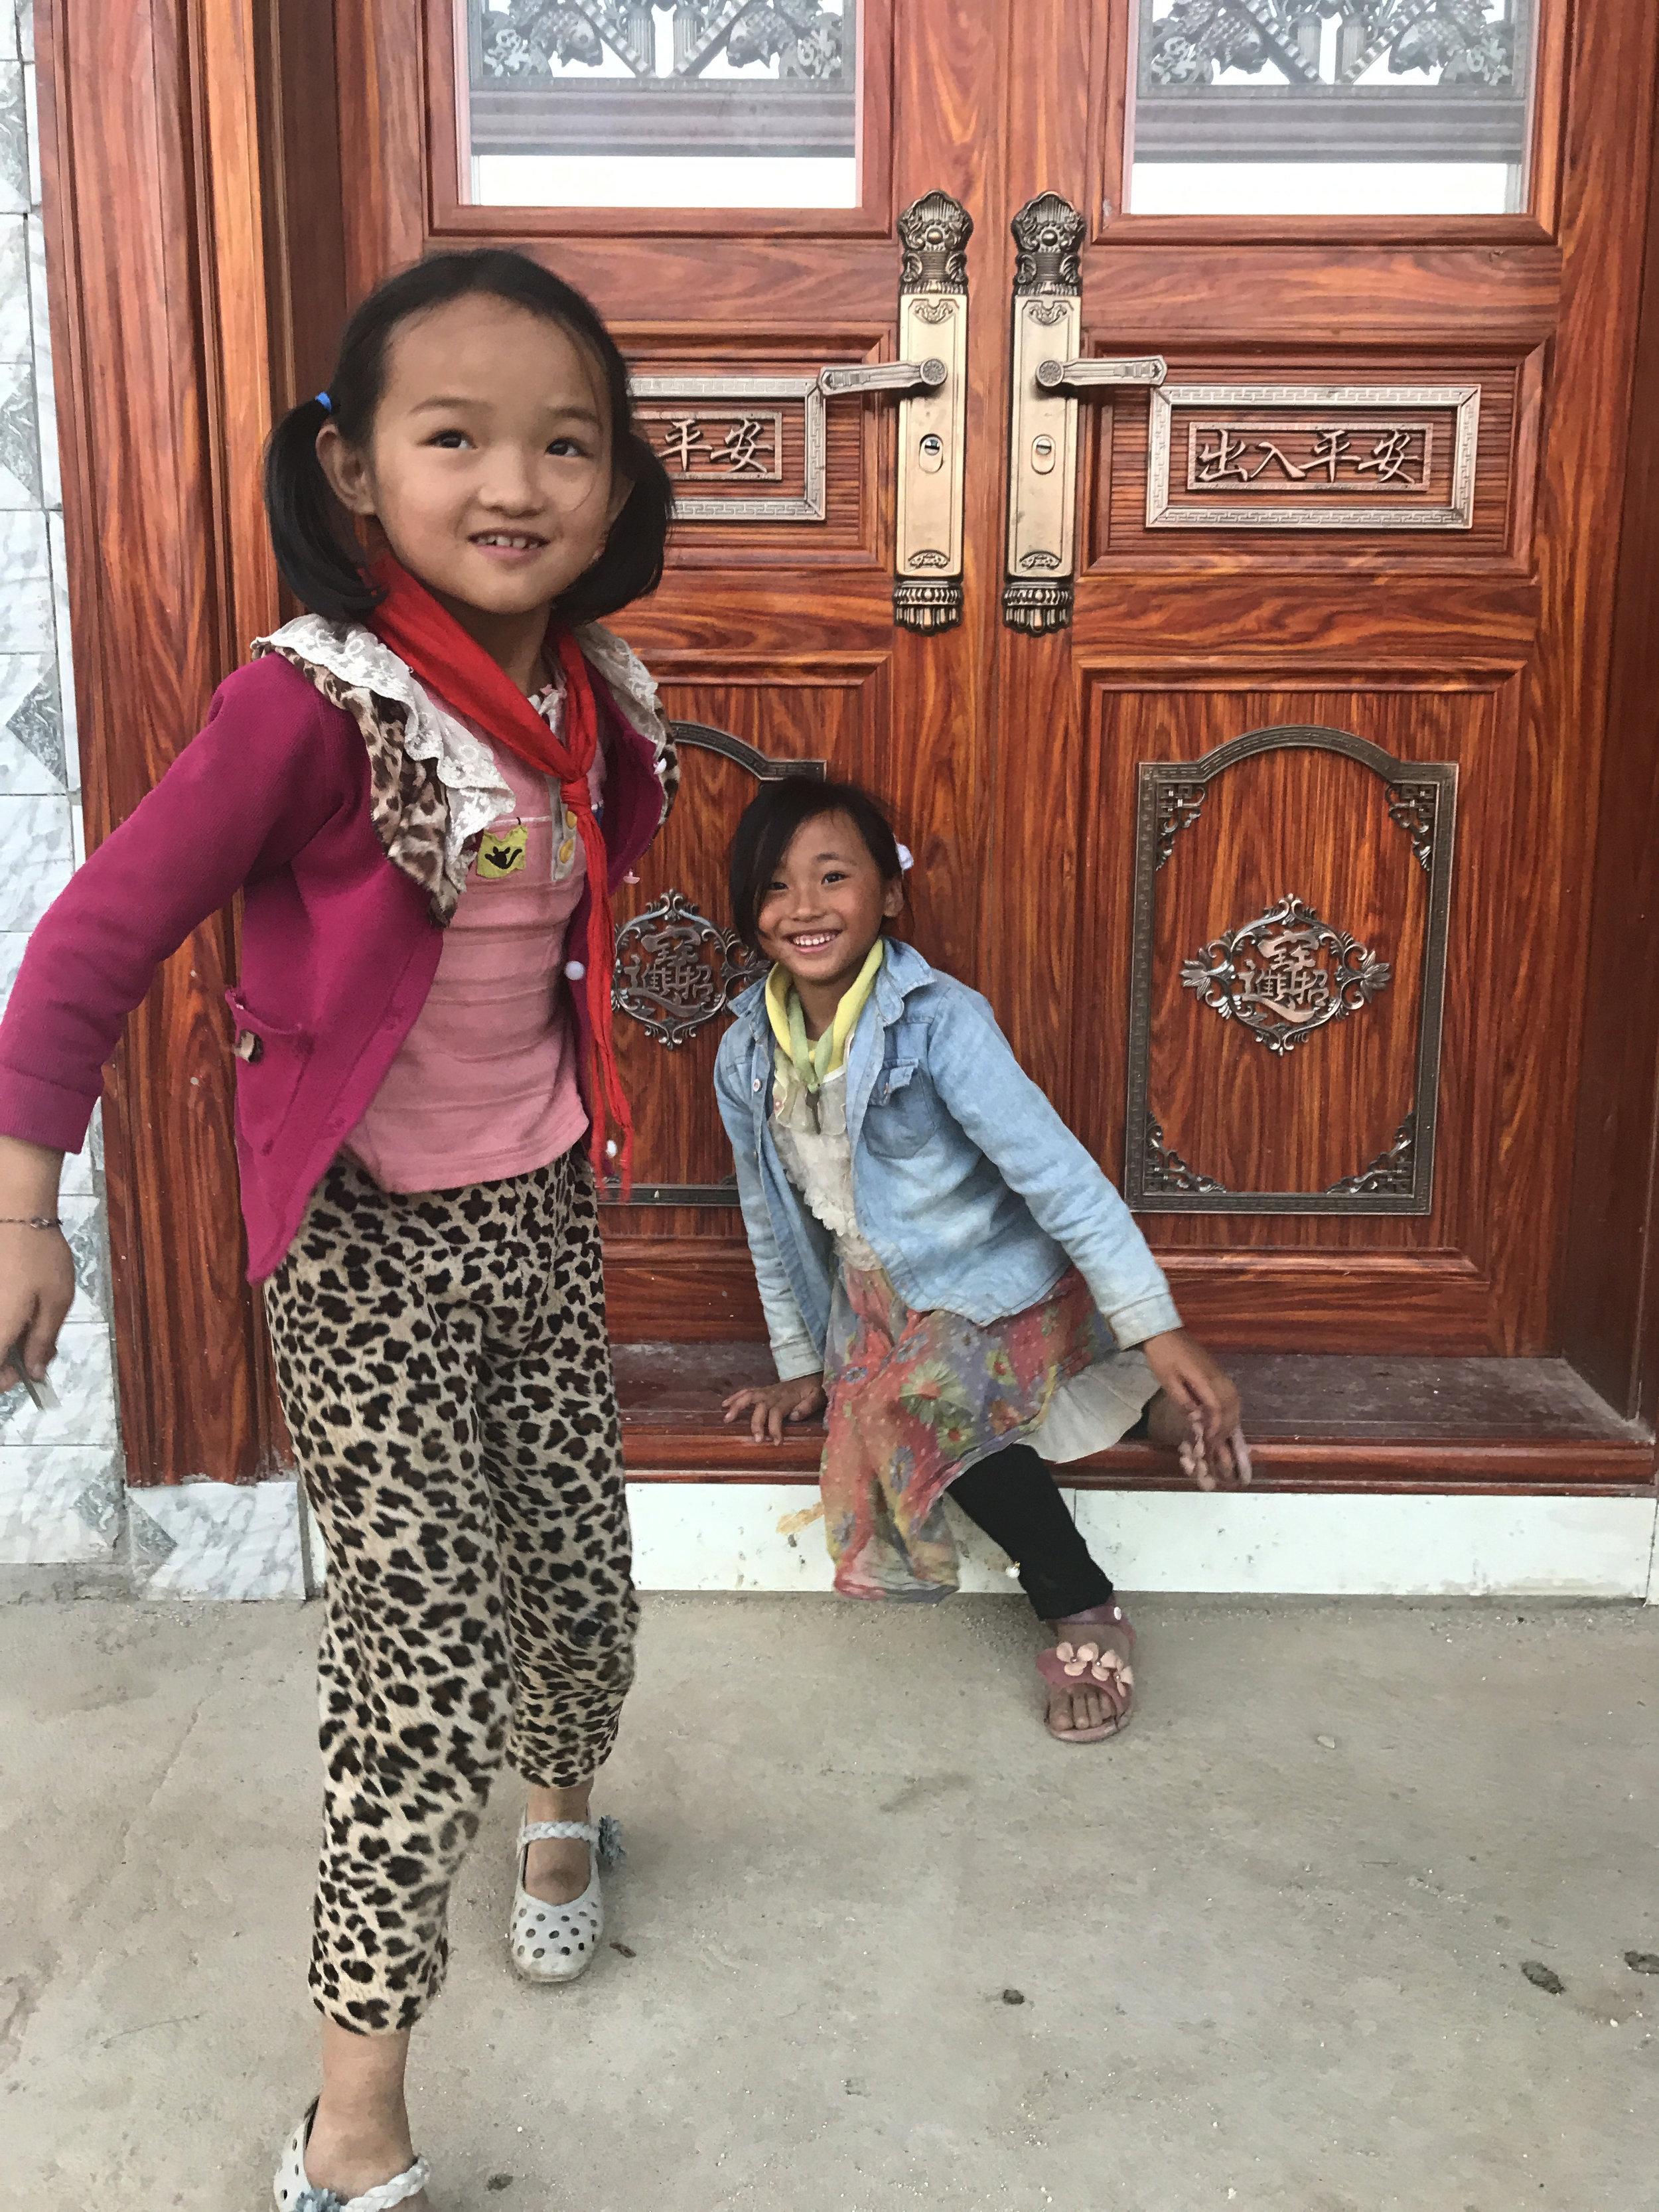 Dieshi village kids.